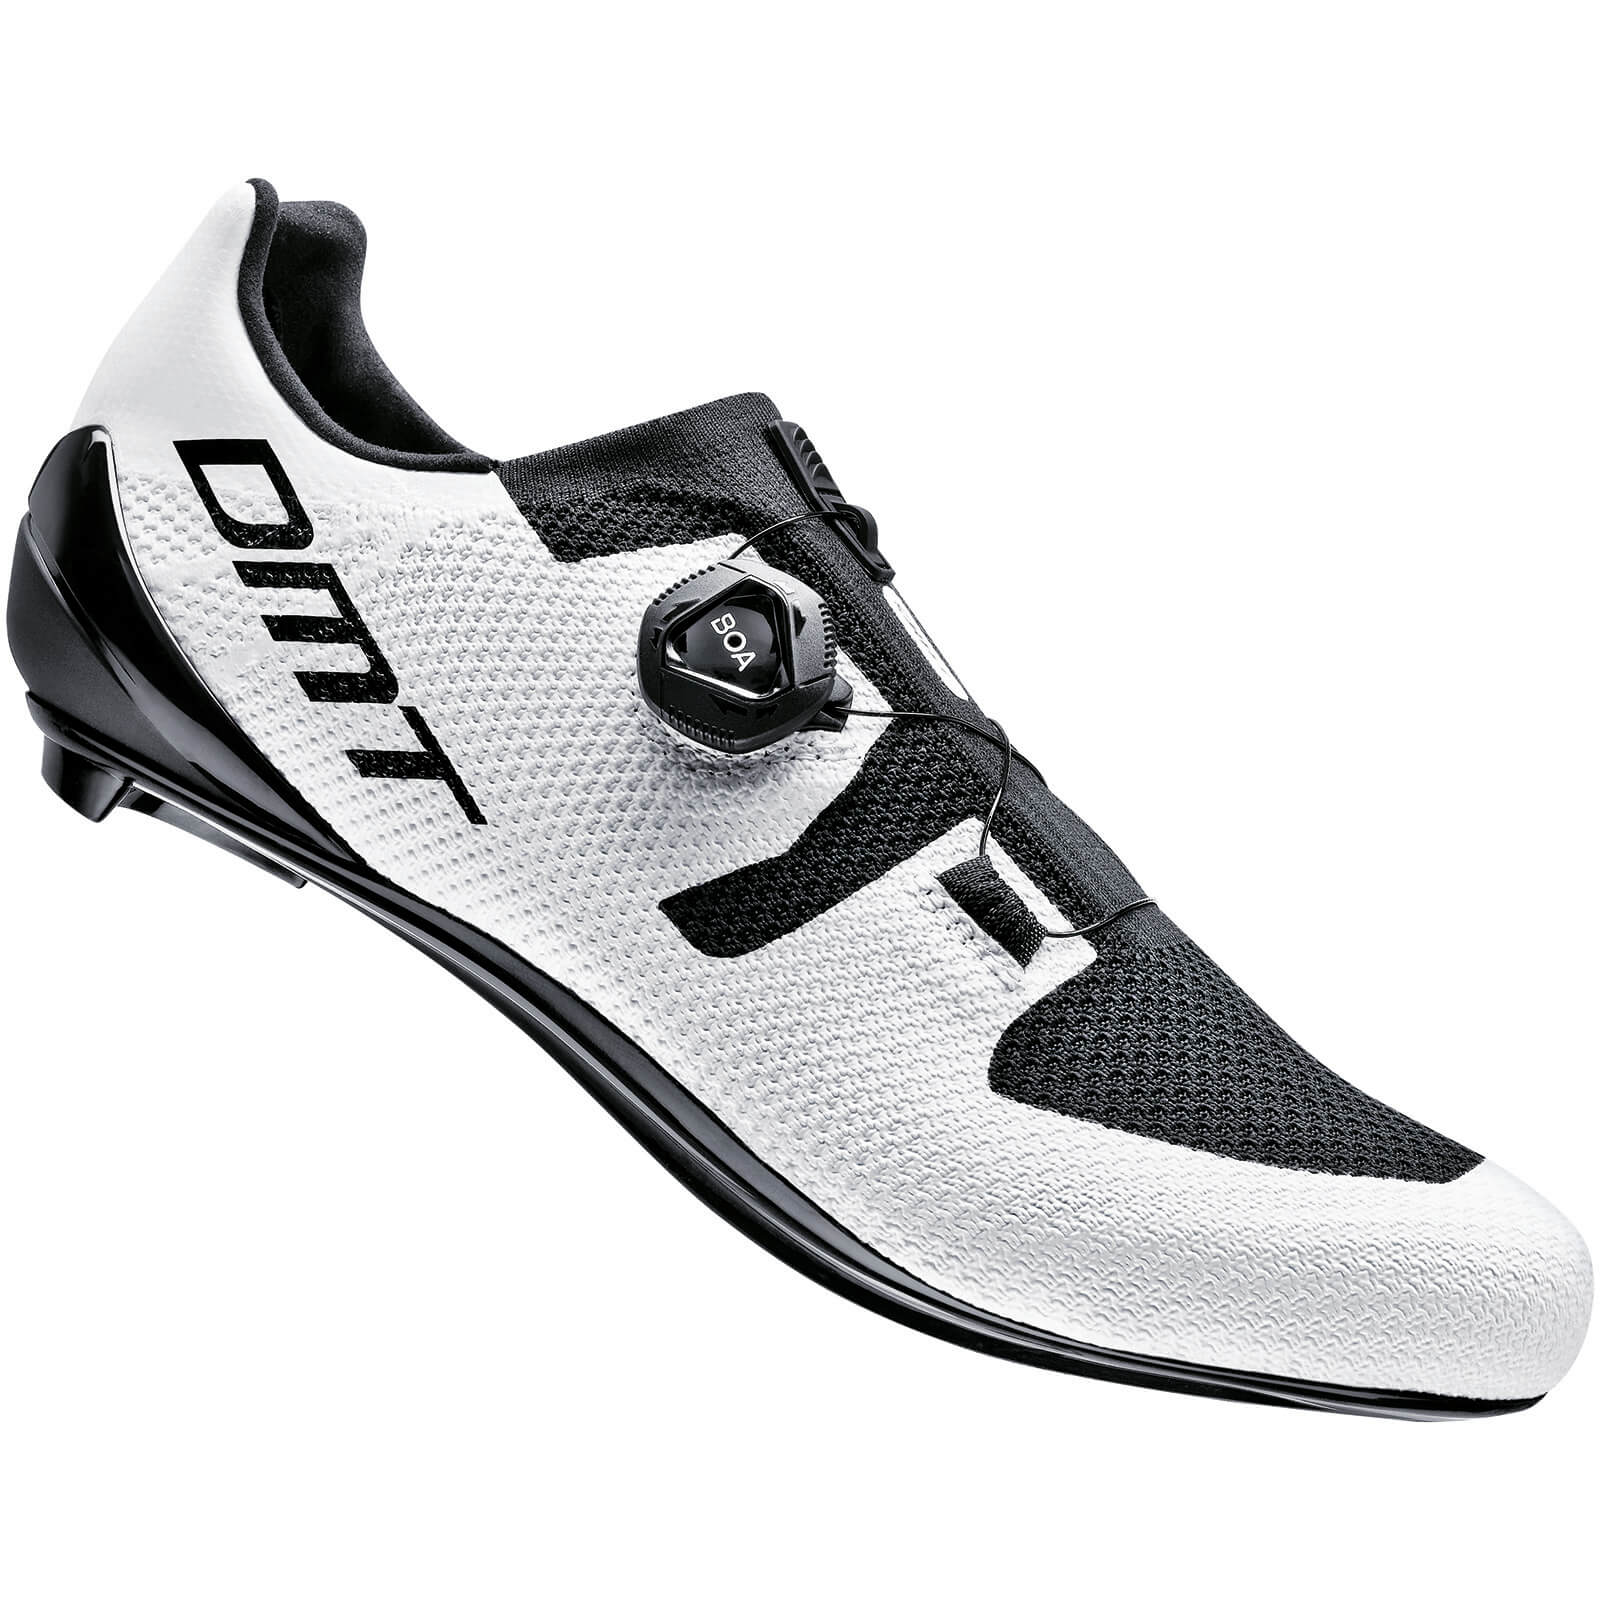 DMT KR3 Road Shoes - EU 44 - White/Black